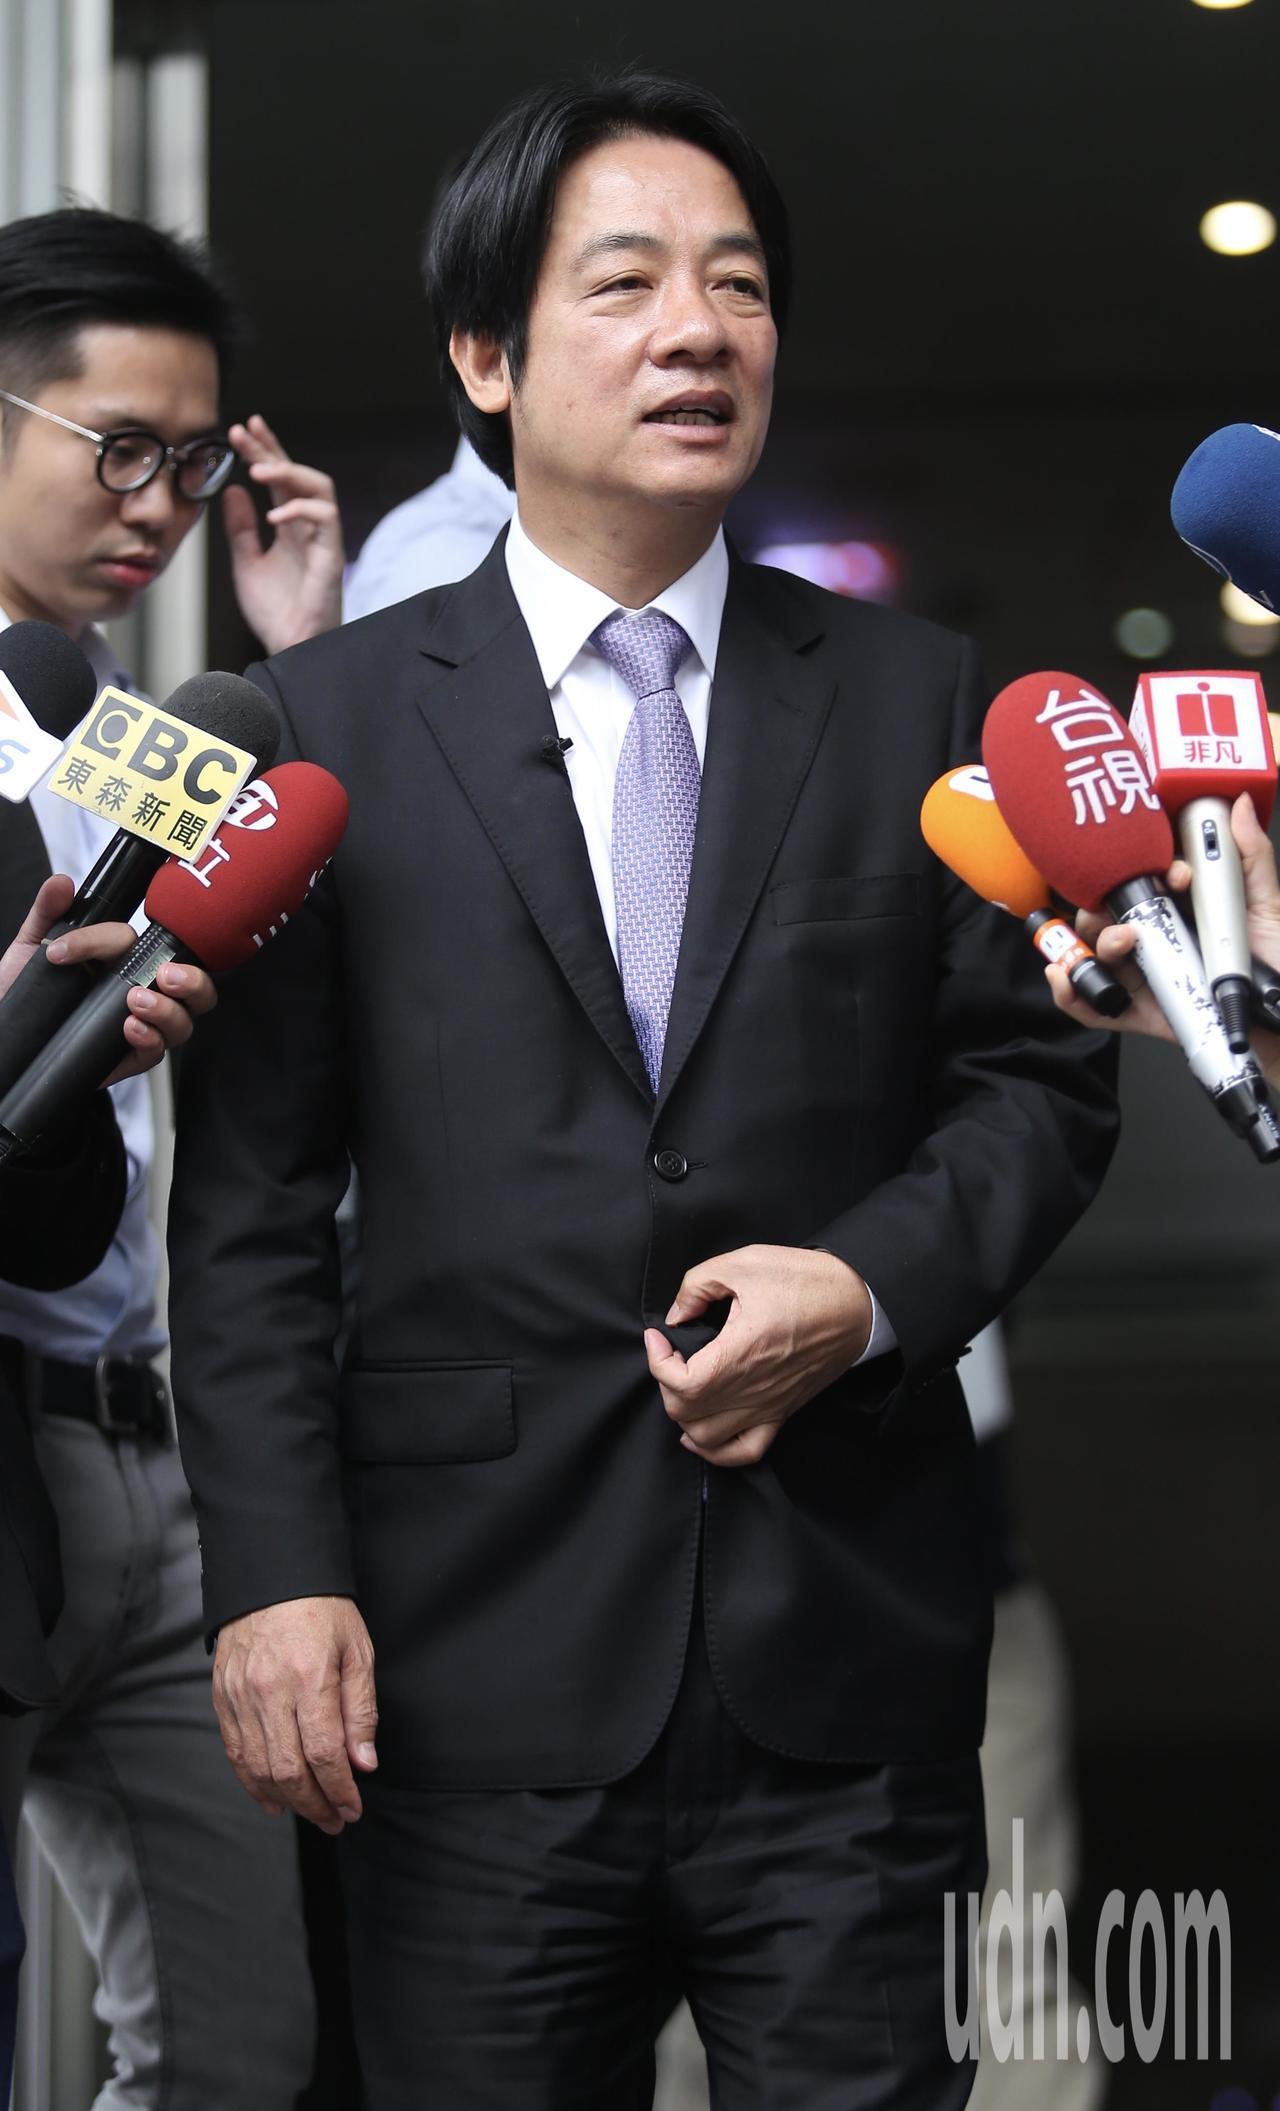 行政院前院長賴清德(圖),中午接受Yahoo TV直播專訪,直播後步出攝影棚,接...